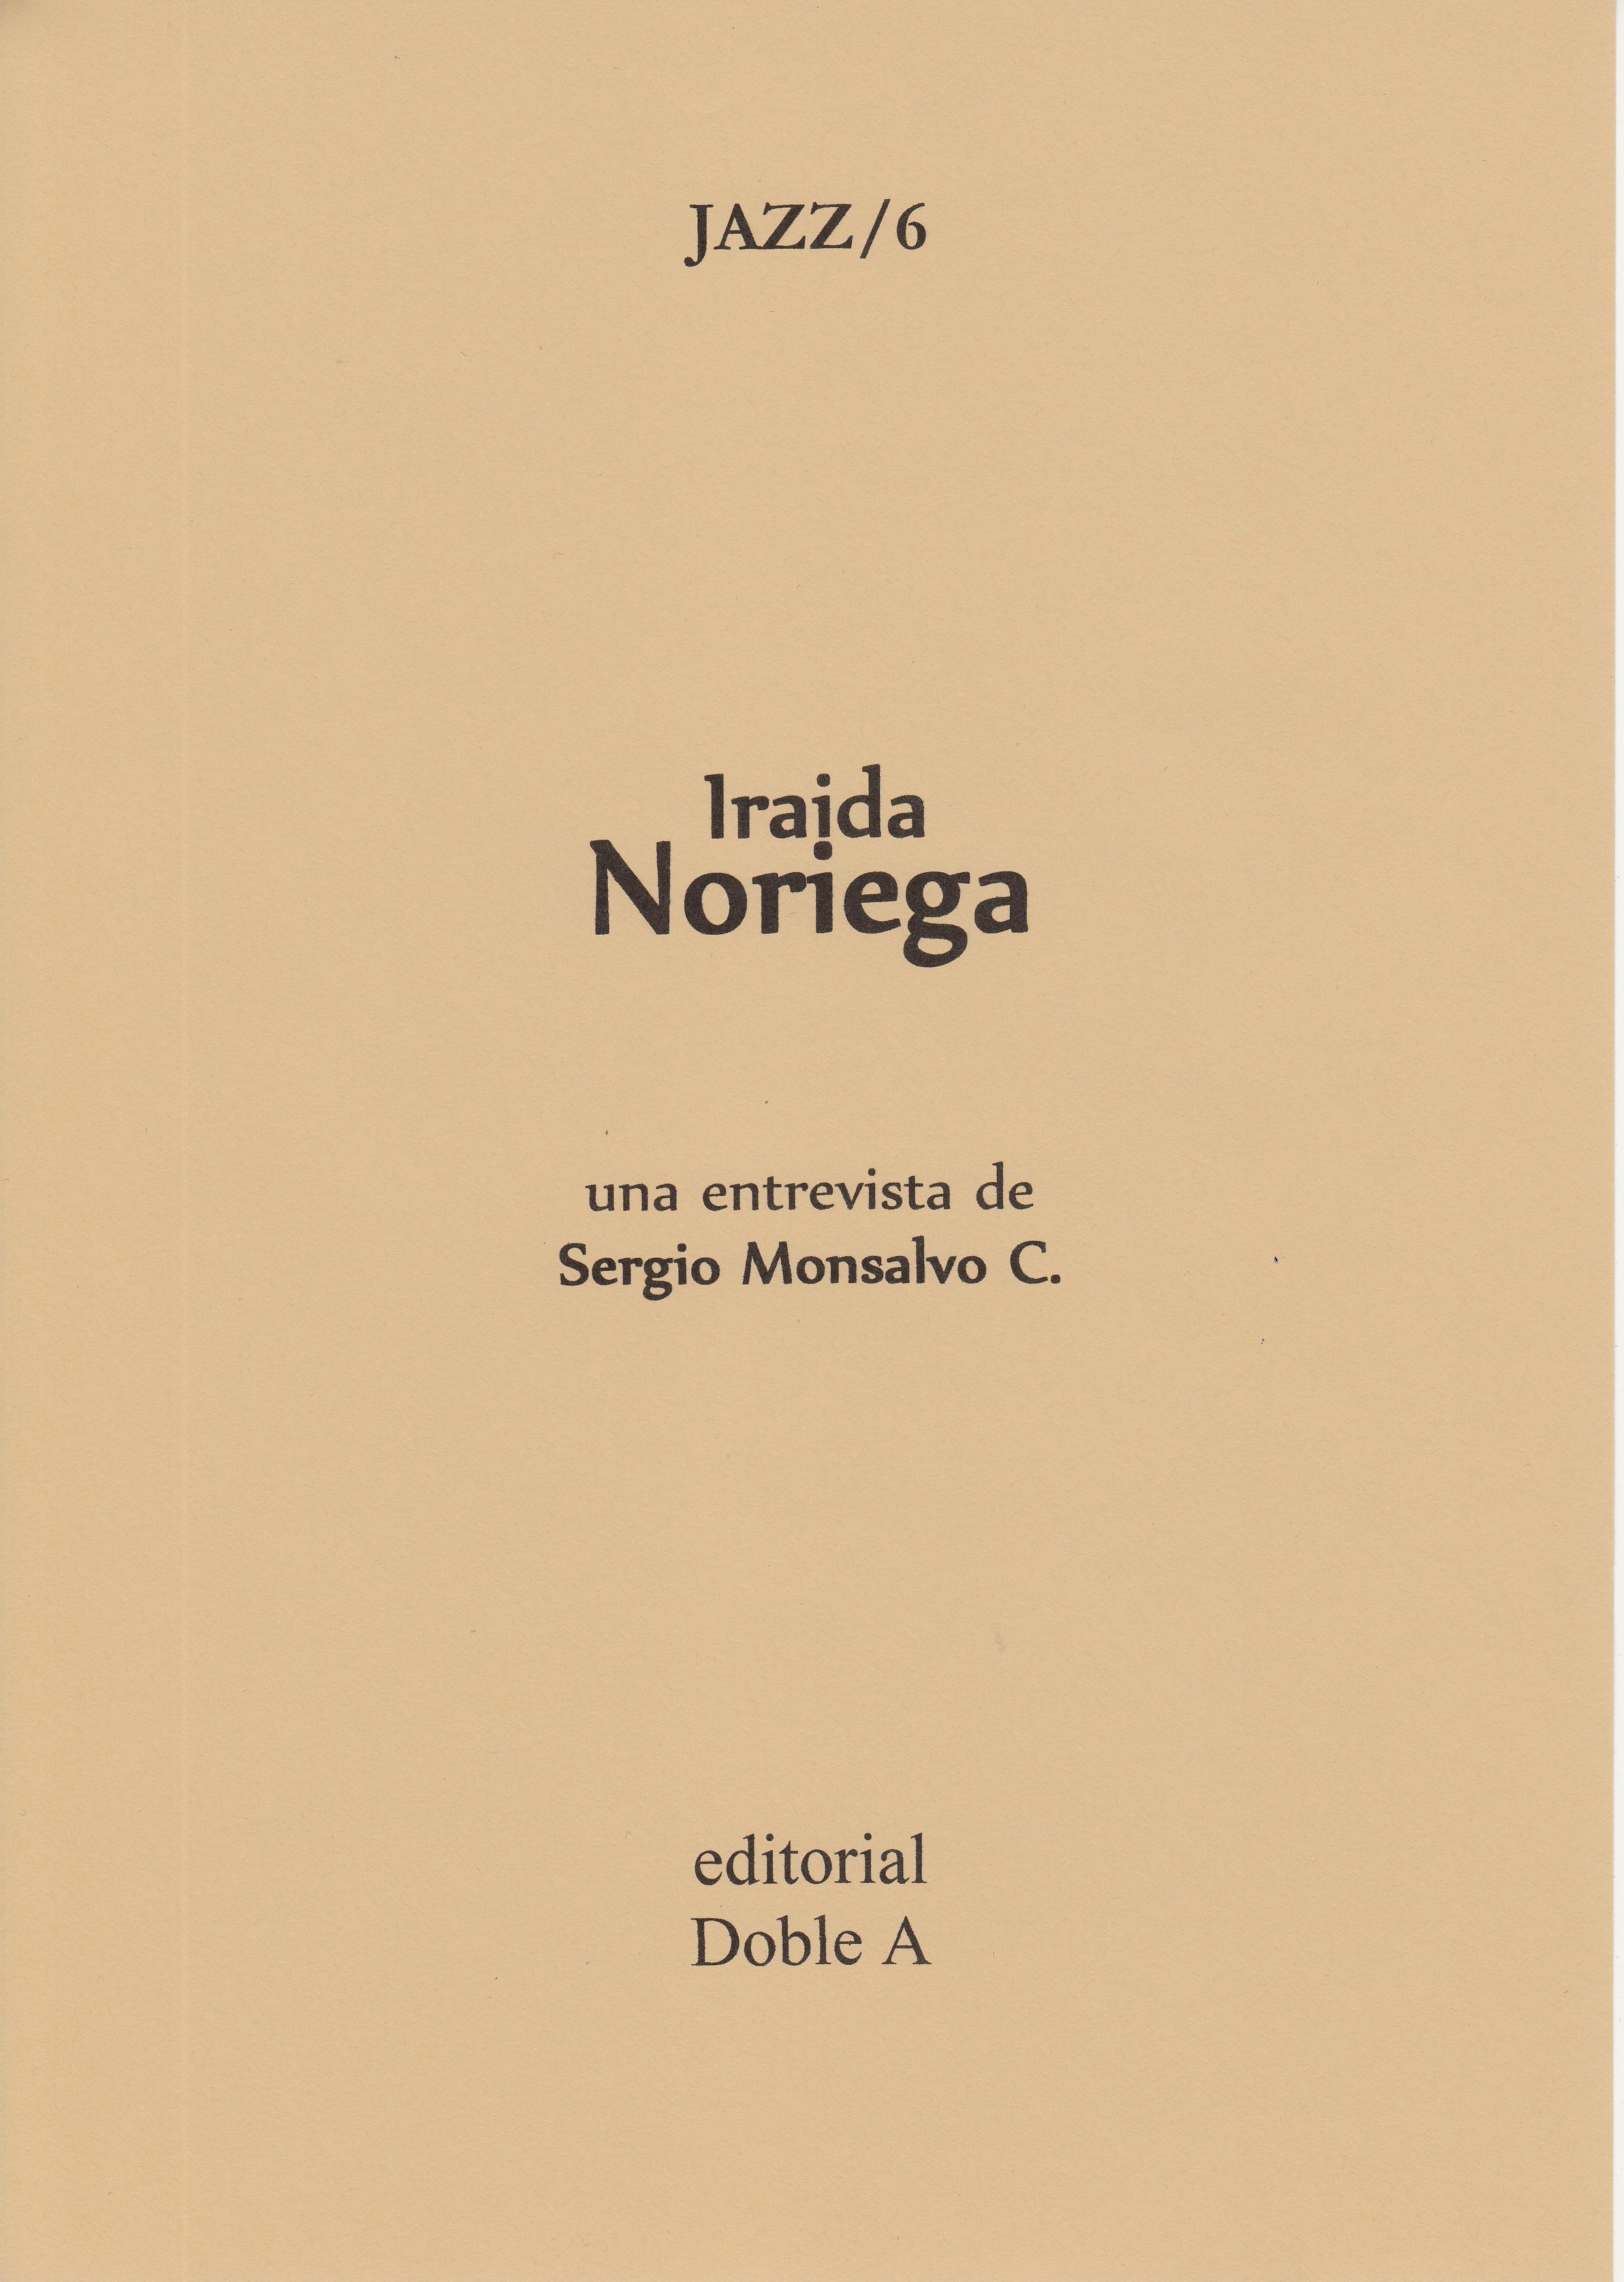 IRAIDA NORIEGA (FOTO 1)